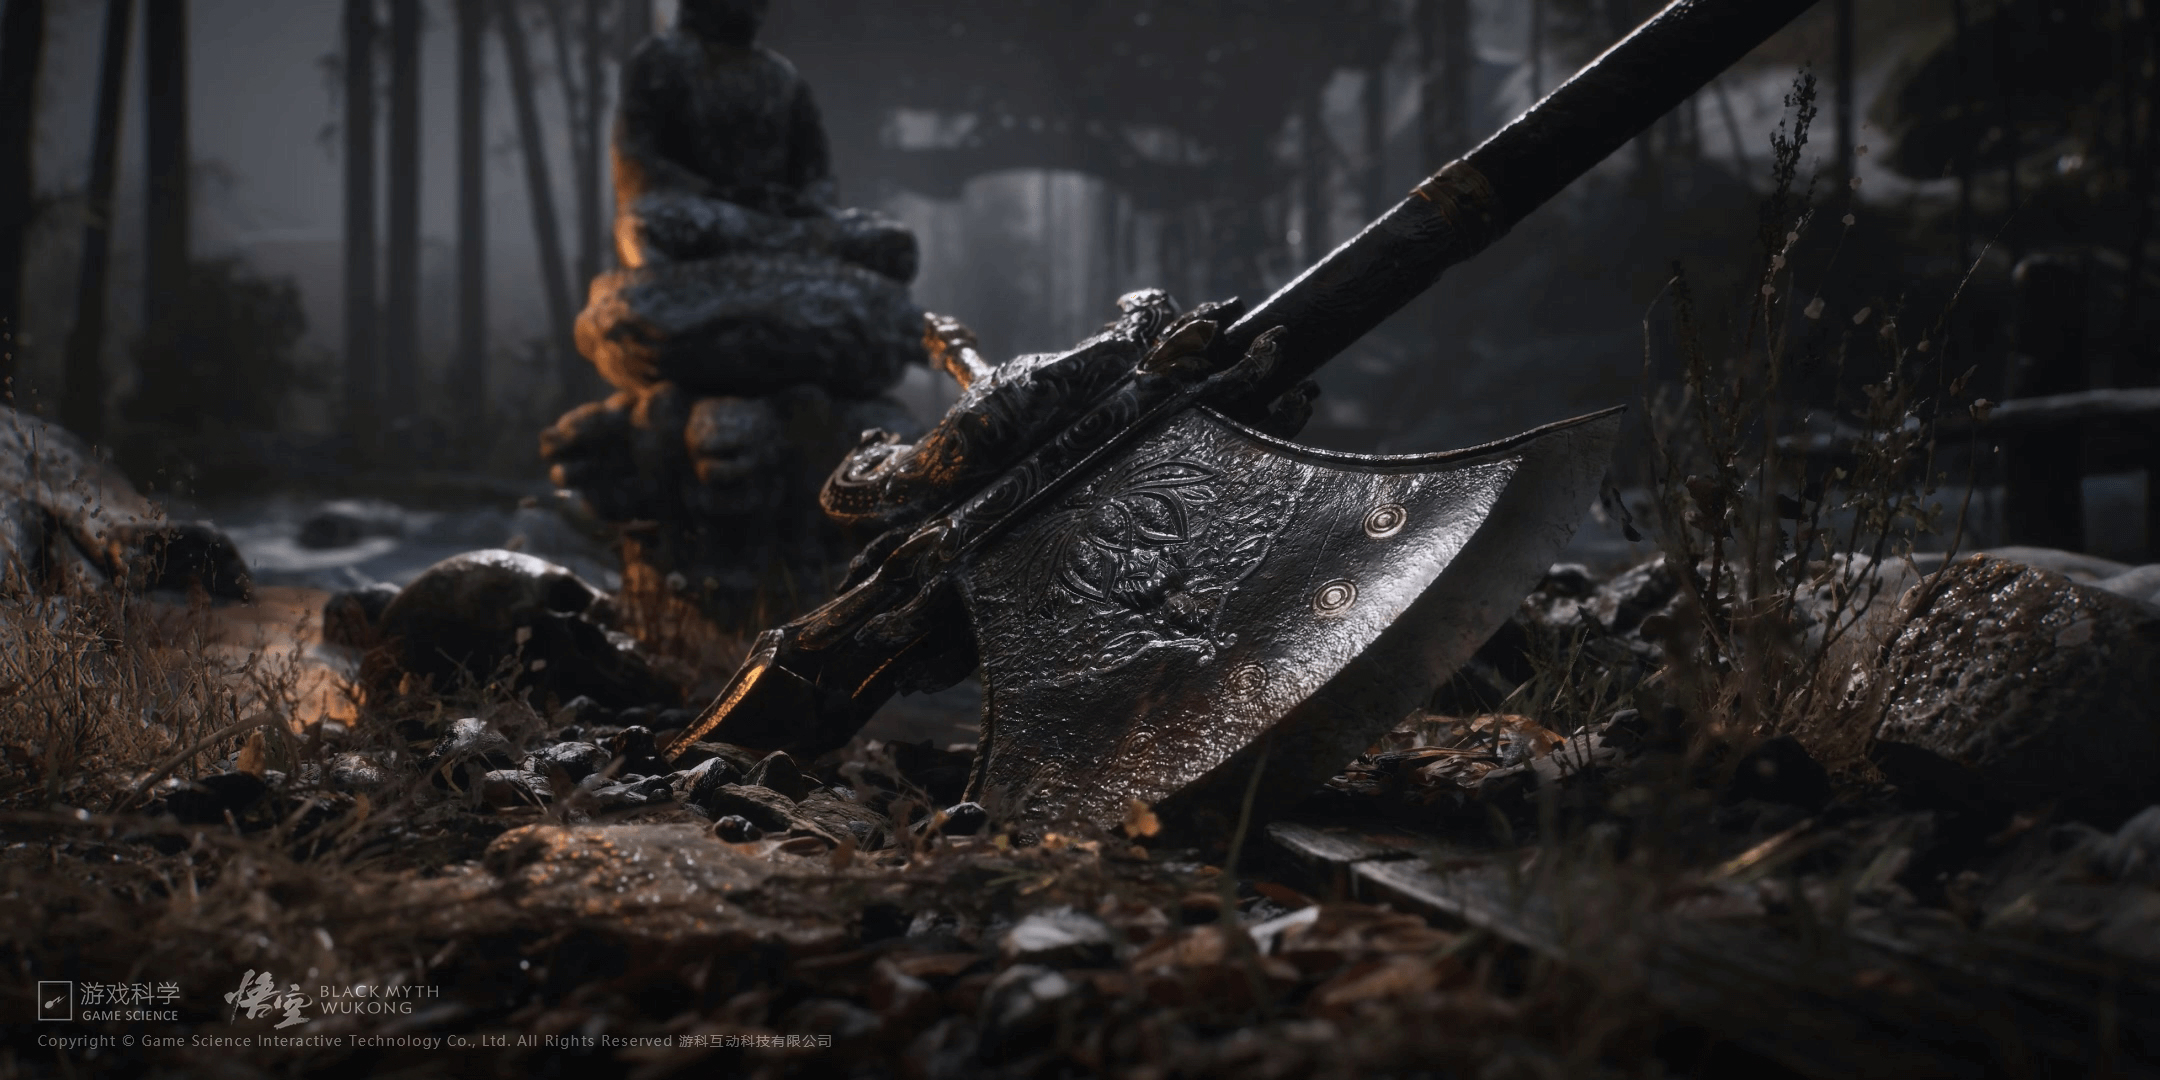 Black Myth: Wu Kong annunciato per Console e PC 22